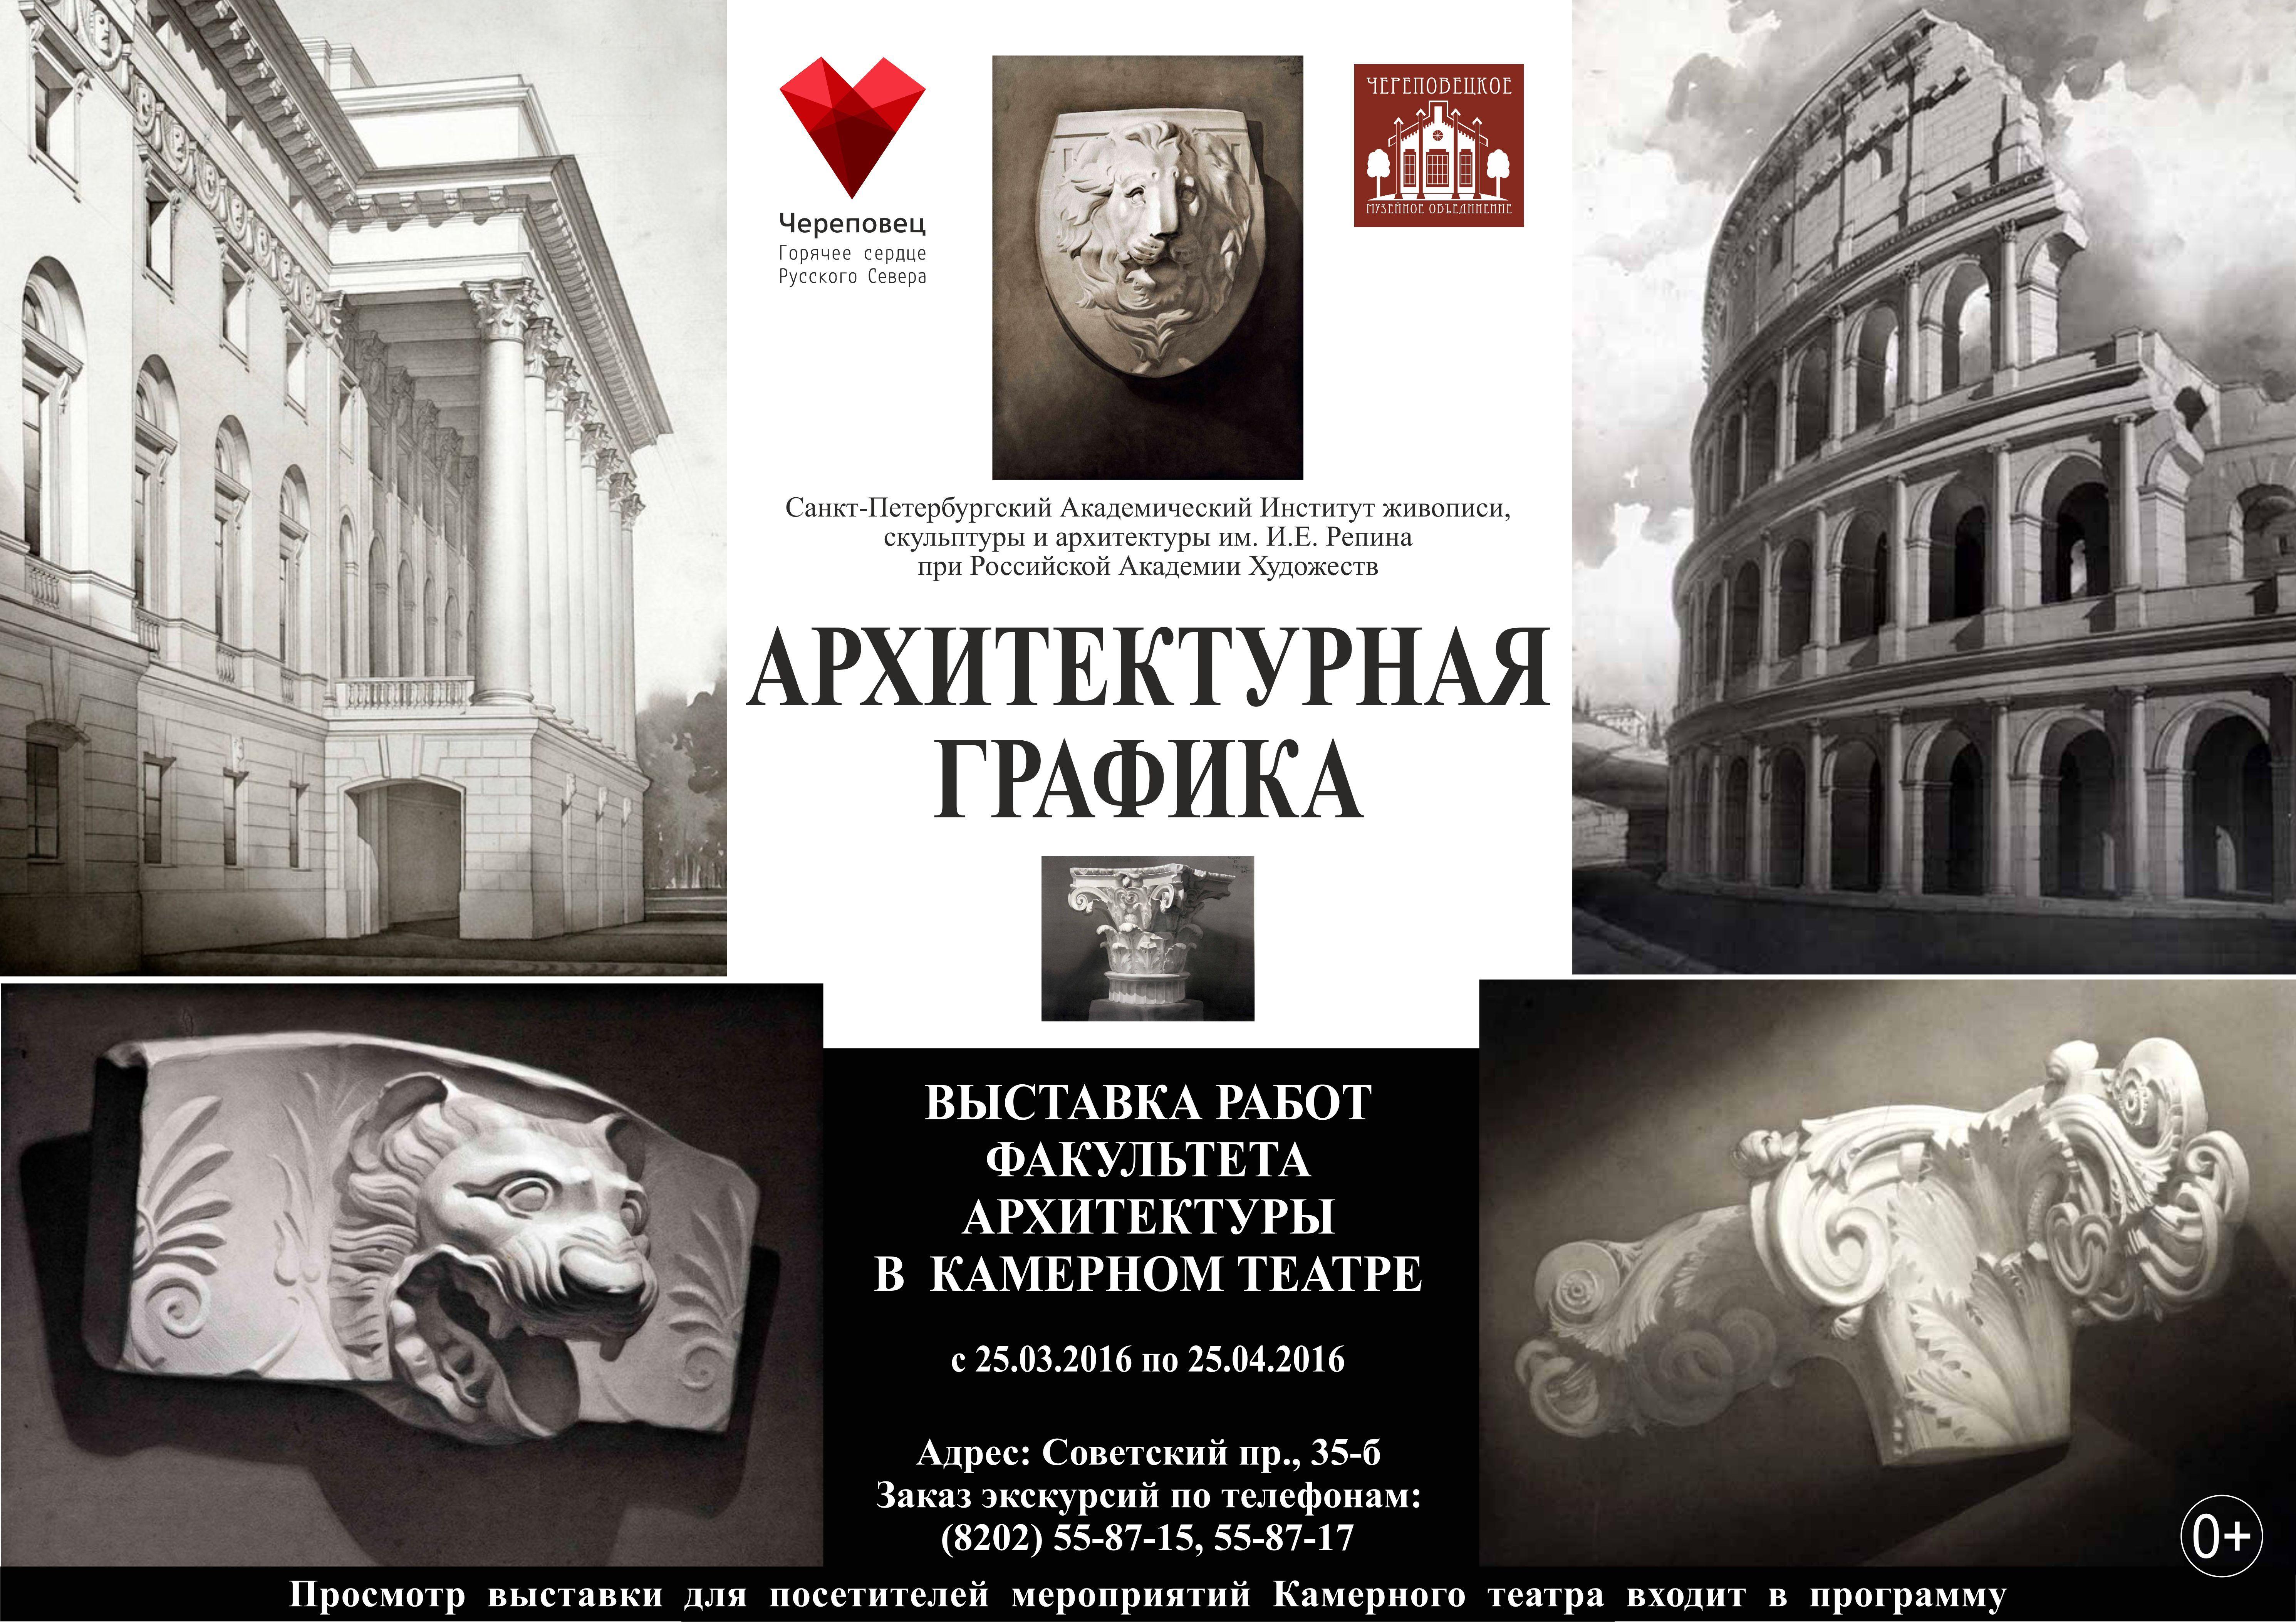 Выставка «Архитектурной графики» пройдет в Череповце